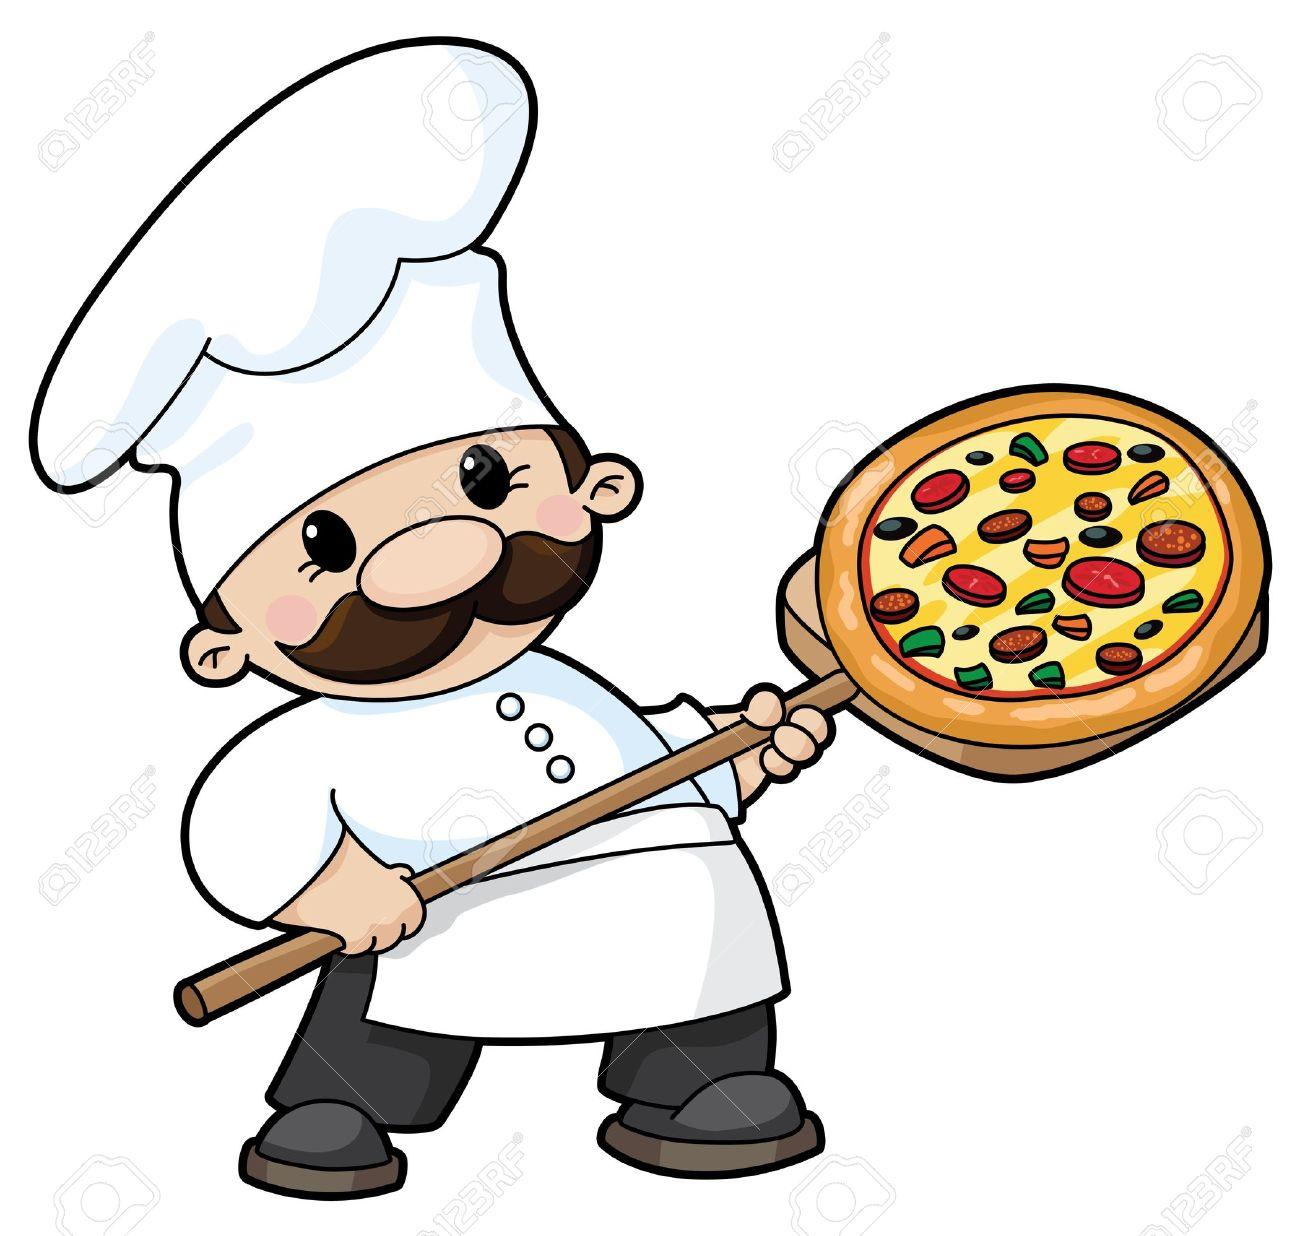 """Résultat de recherche d'images pour """"image pizzaiolo"""""""